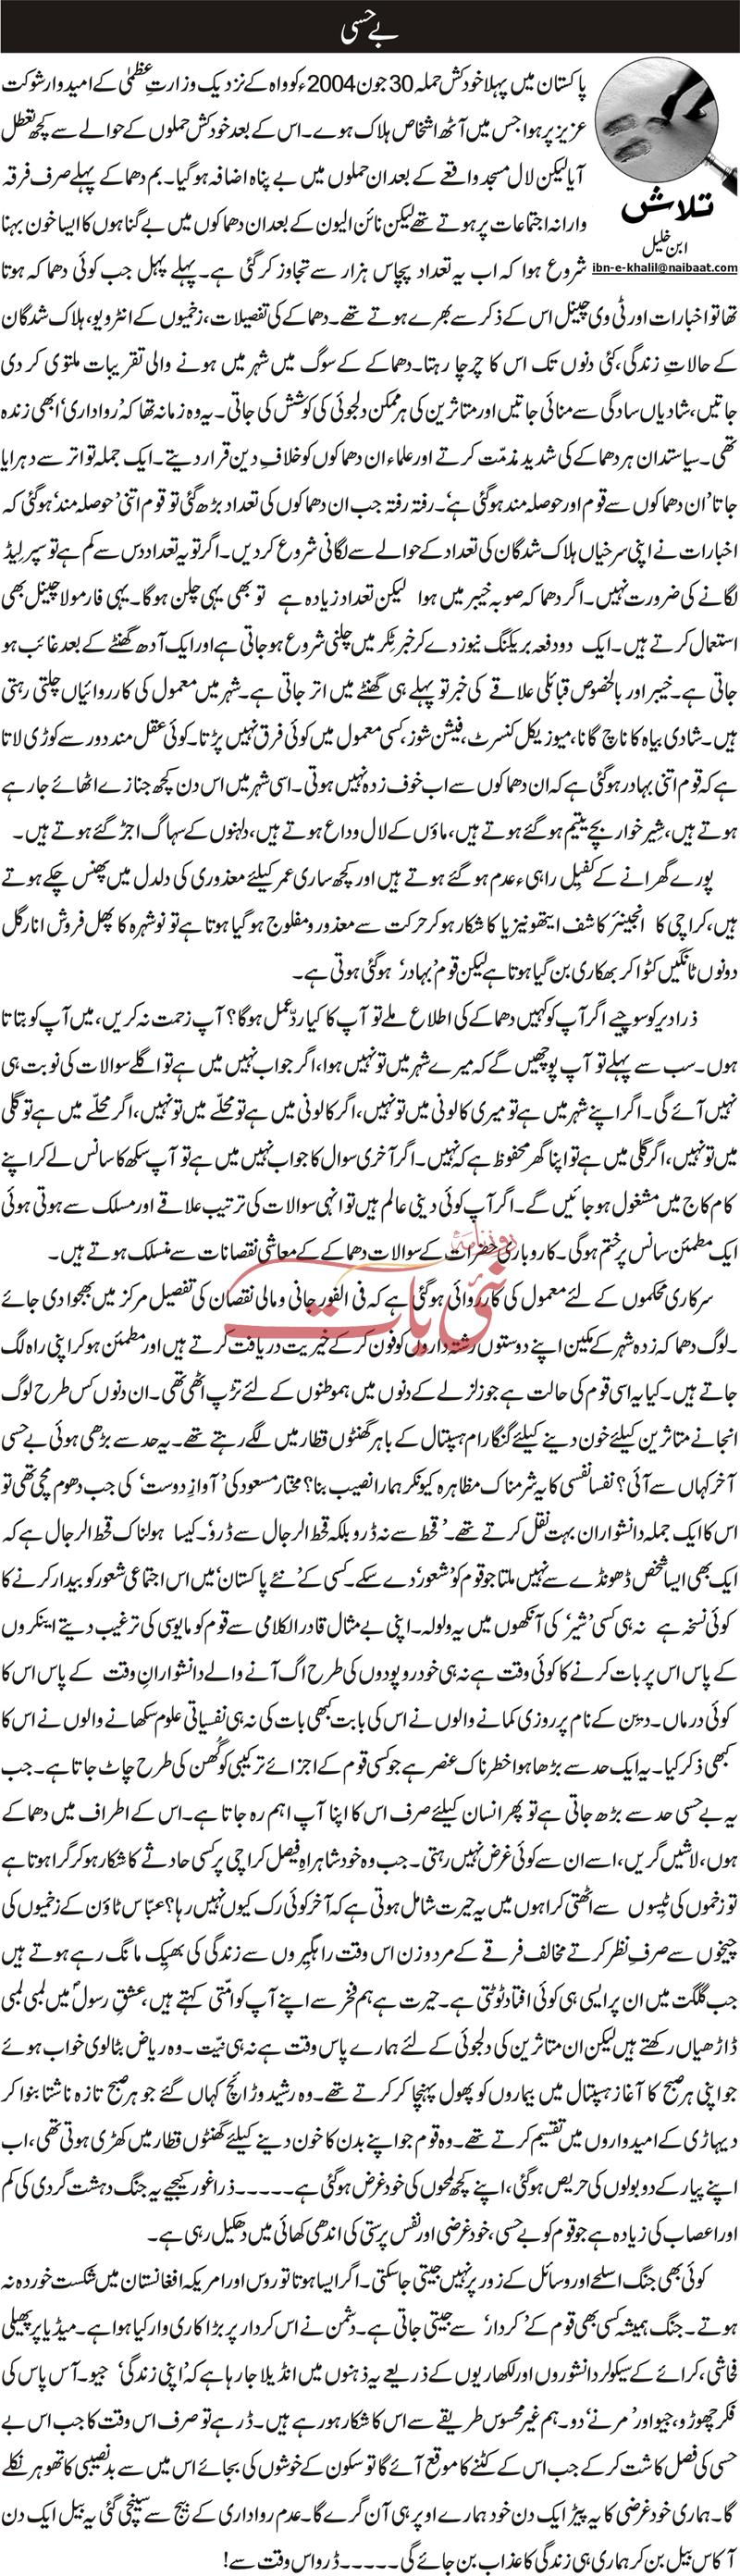 Print Media Coverage Daily Nai Baat - Ibn e Khalil